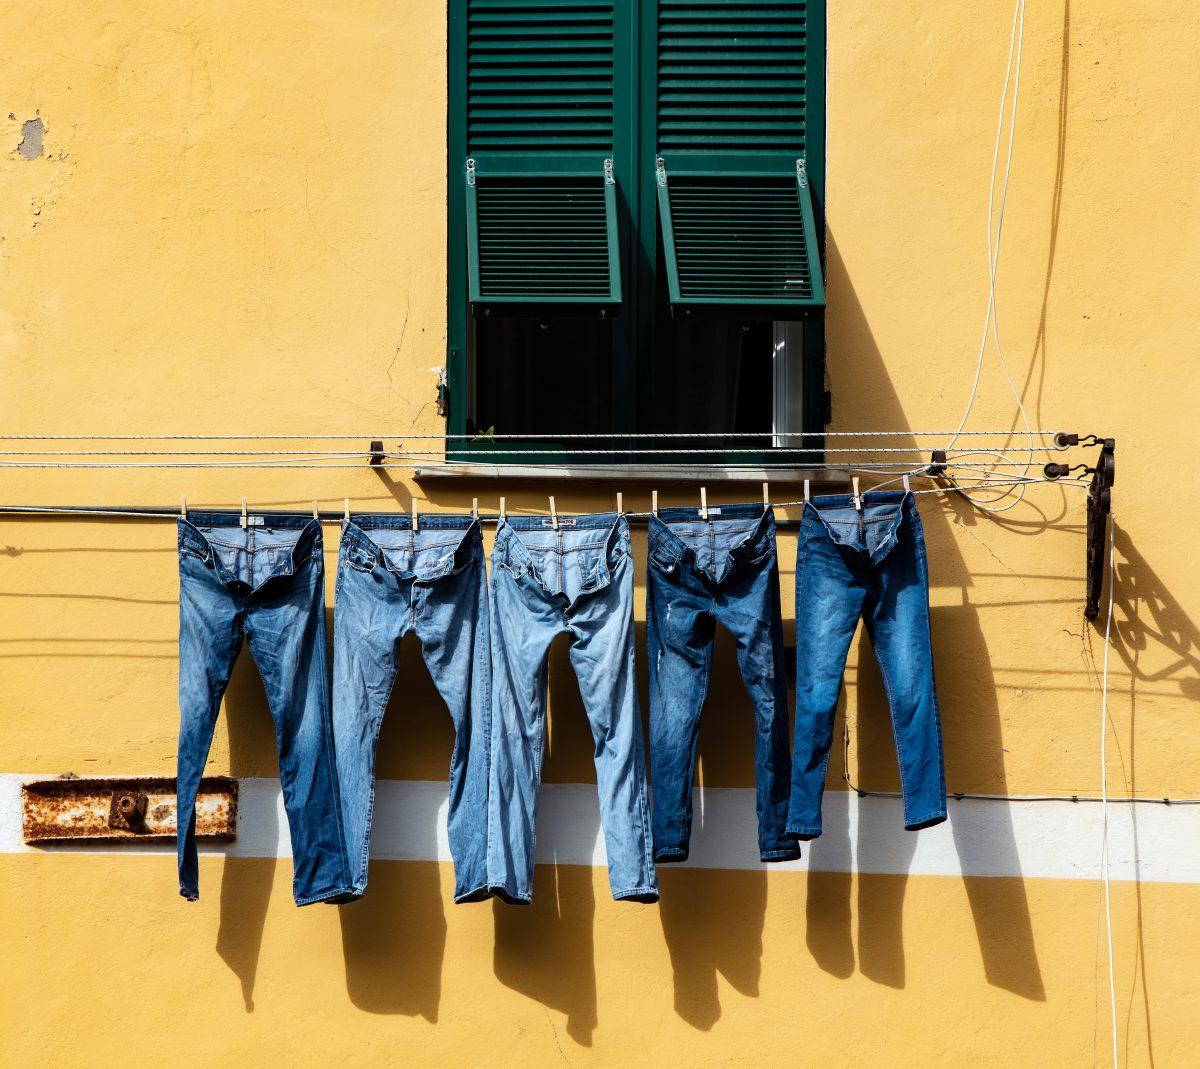 milievriendelijk wassen 2